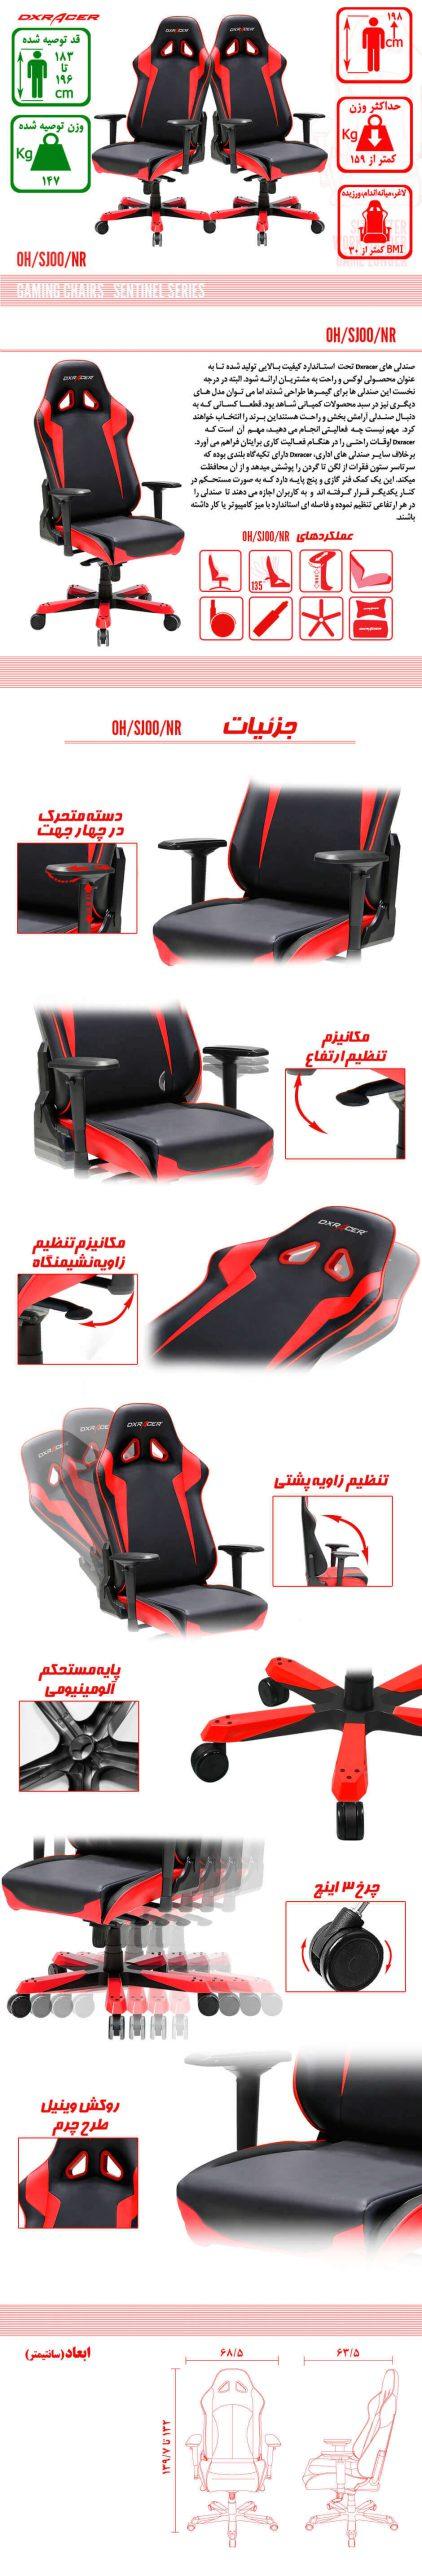 صندلی گیمینگ DXRACER سری سنتینل مدل OH SJ00 NR